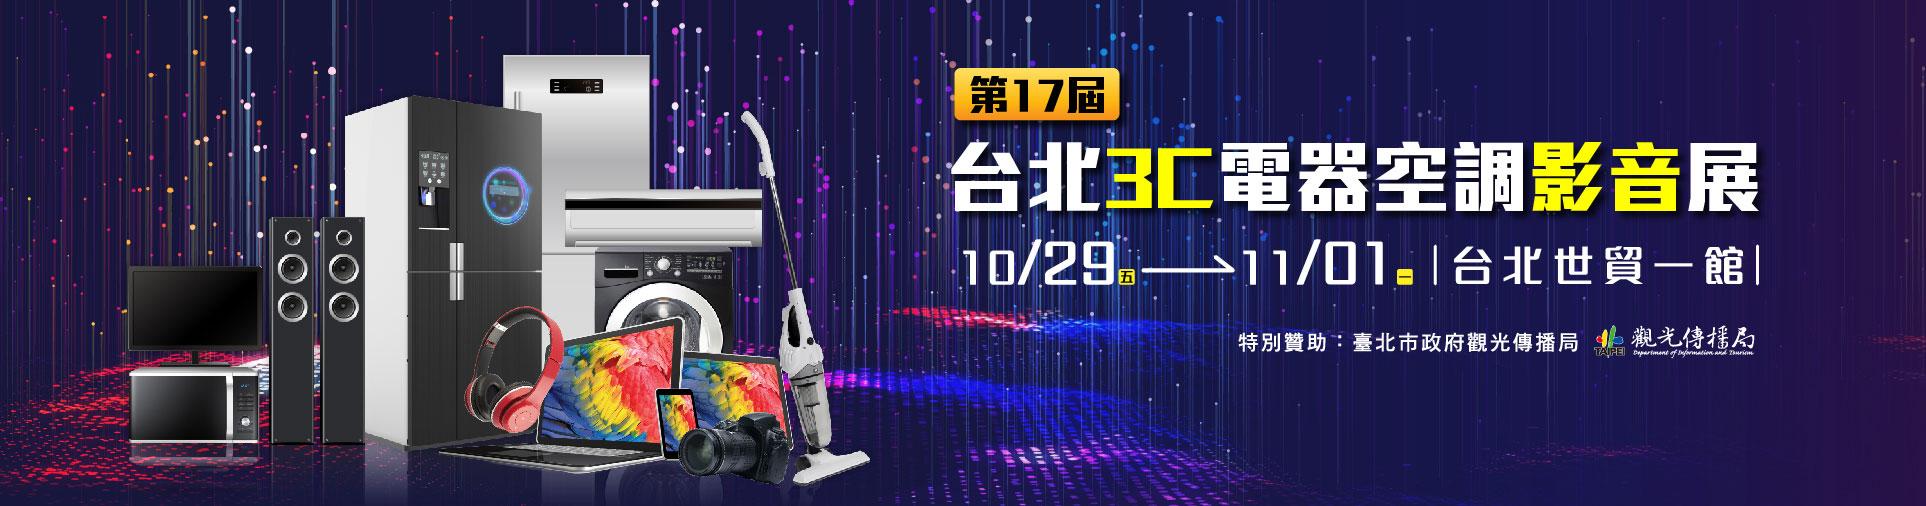 第19屆台北數位影音家電展